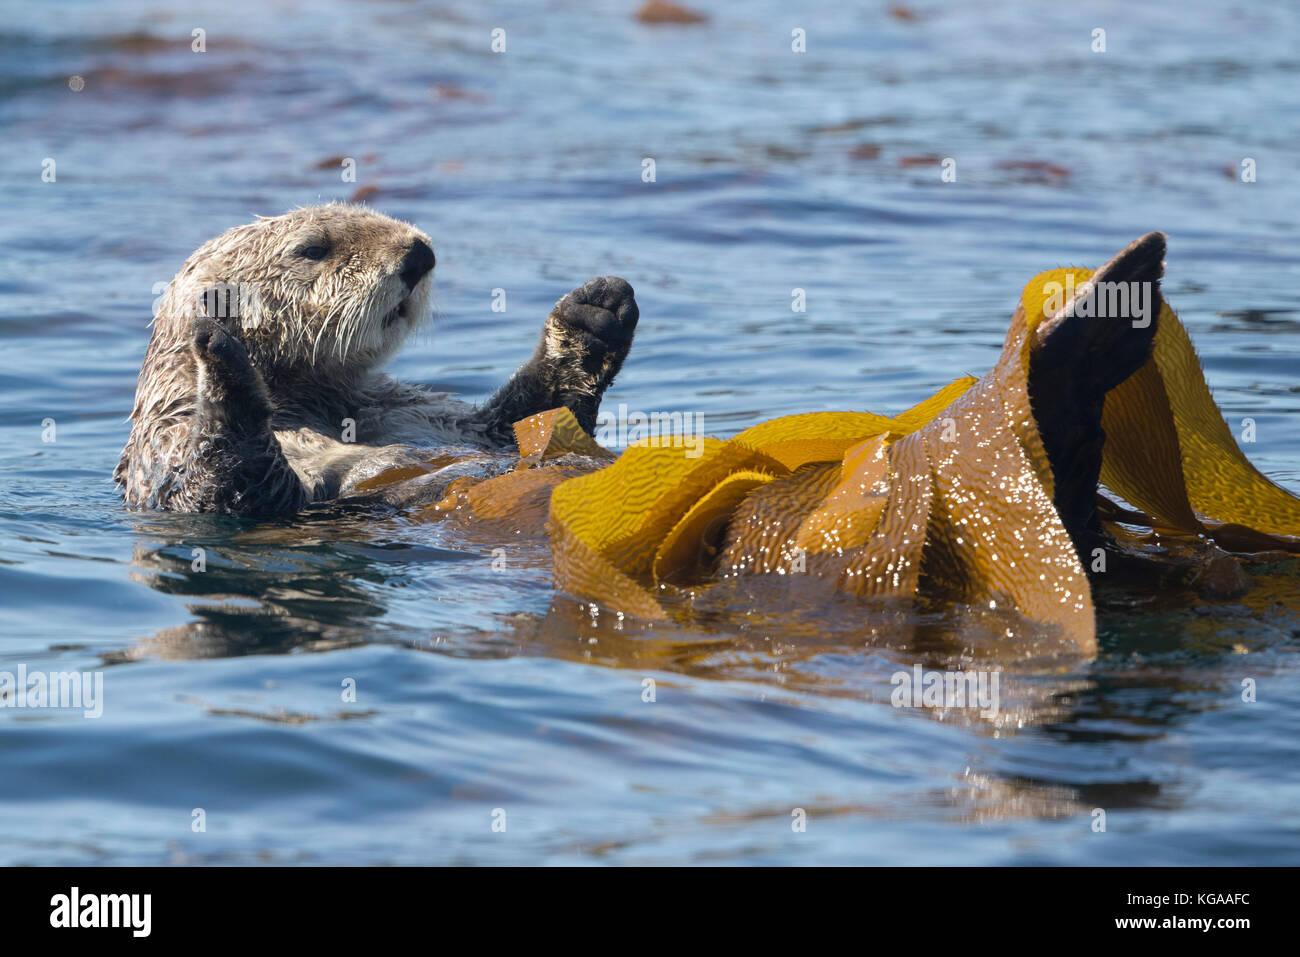 Sea Otter in Seetang rollt, Alaska Stockbild